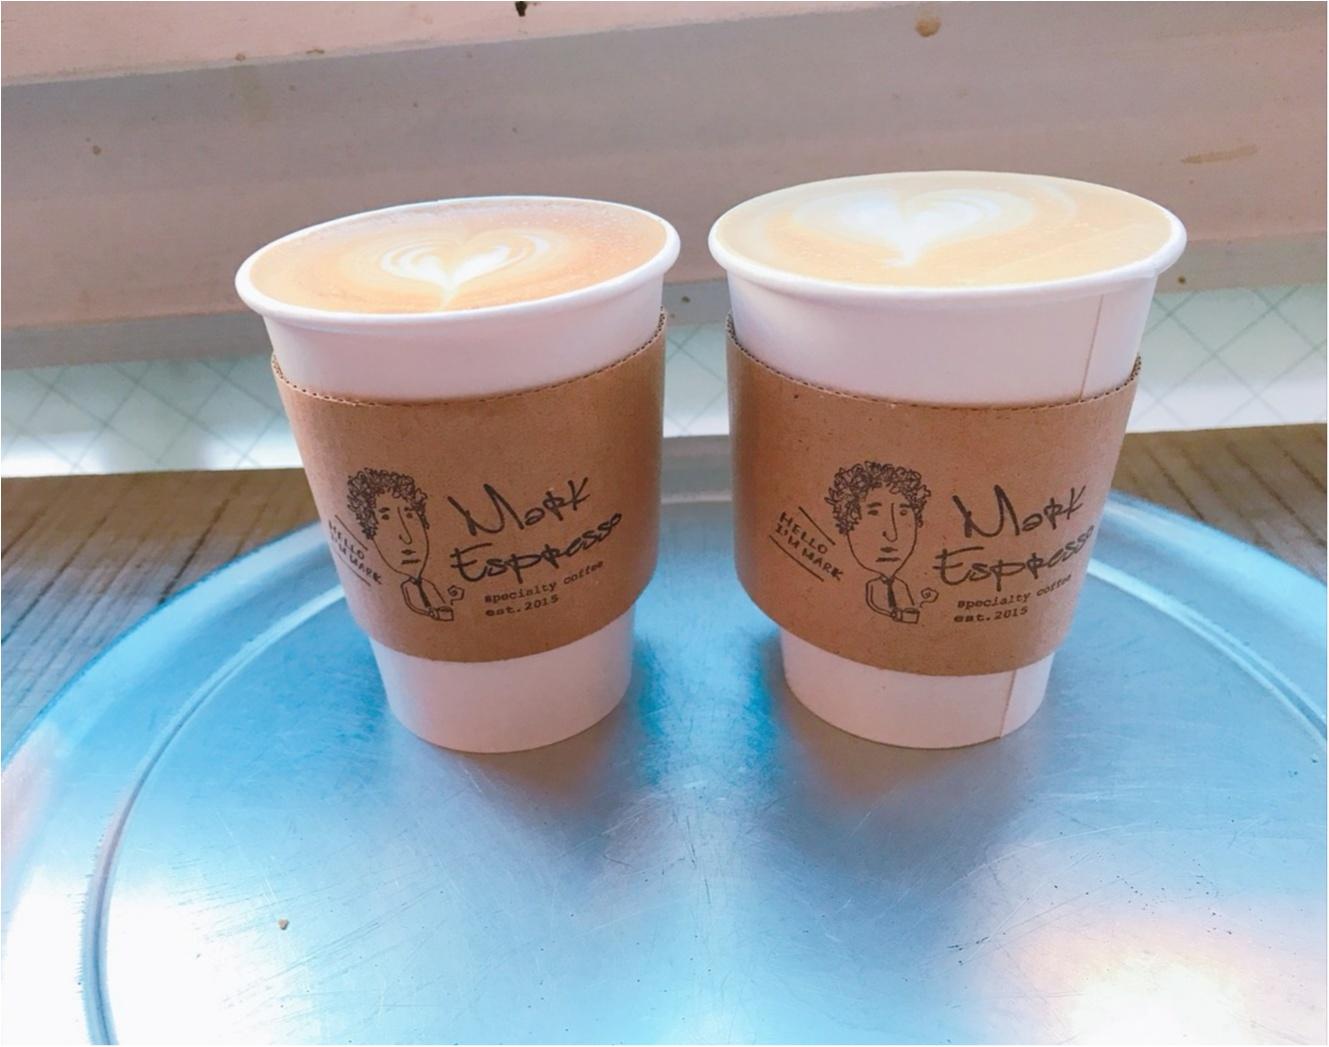 久しぶりにおいしいラテに出会いました!シンプルでおしゃれなカフェ発見♡_3